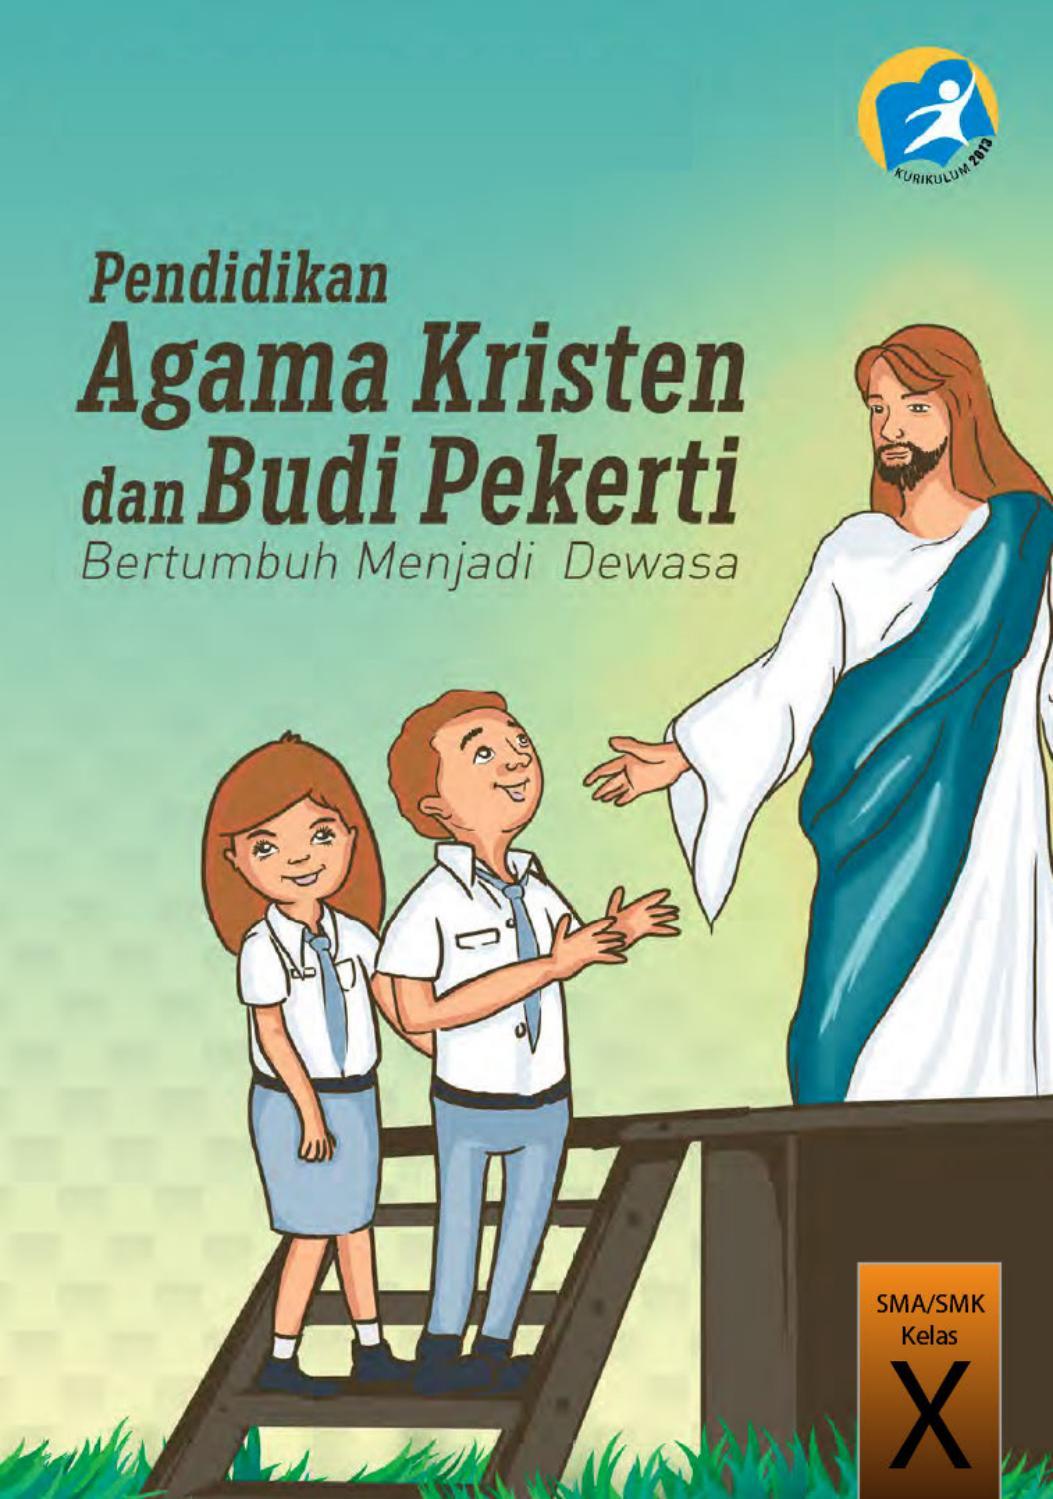 Pendidikan Agama Kristen Dan Budi Pekerti Kelas X By Oppah